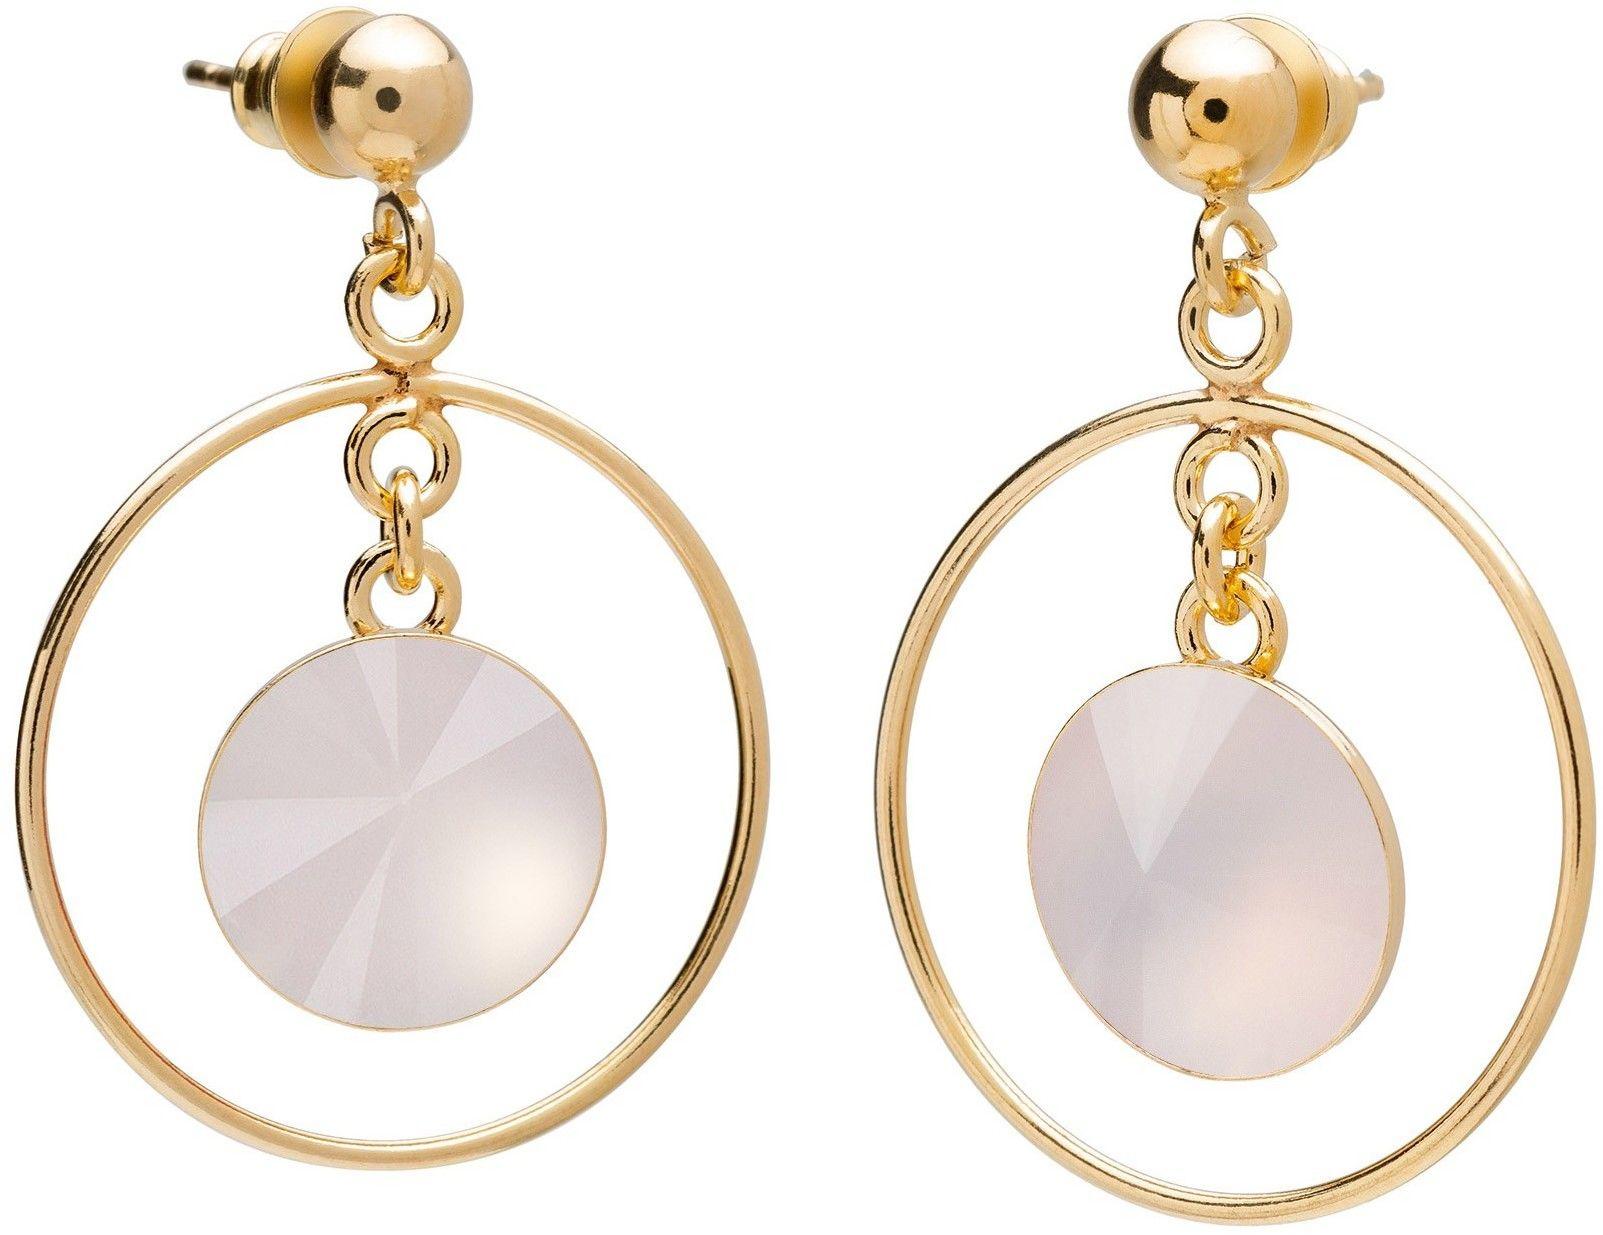 Okrągłe kolczyki z kwarcem, srebro 925 : Kamienie naturalne - kolor - kwarc różowy jasny, Srebro - kolor pokrycia - Pokrycie żółtym 18K złotem